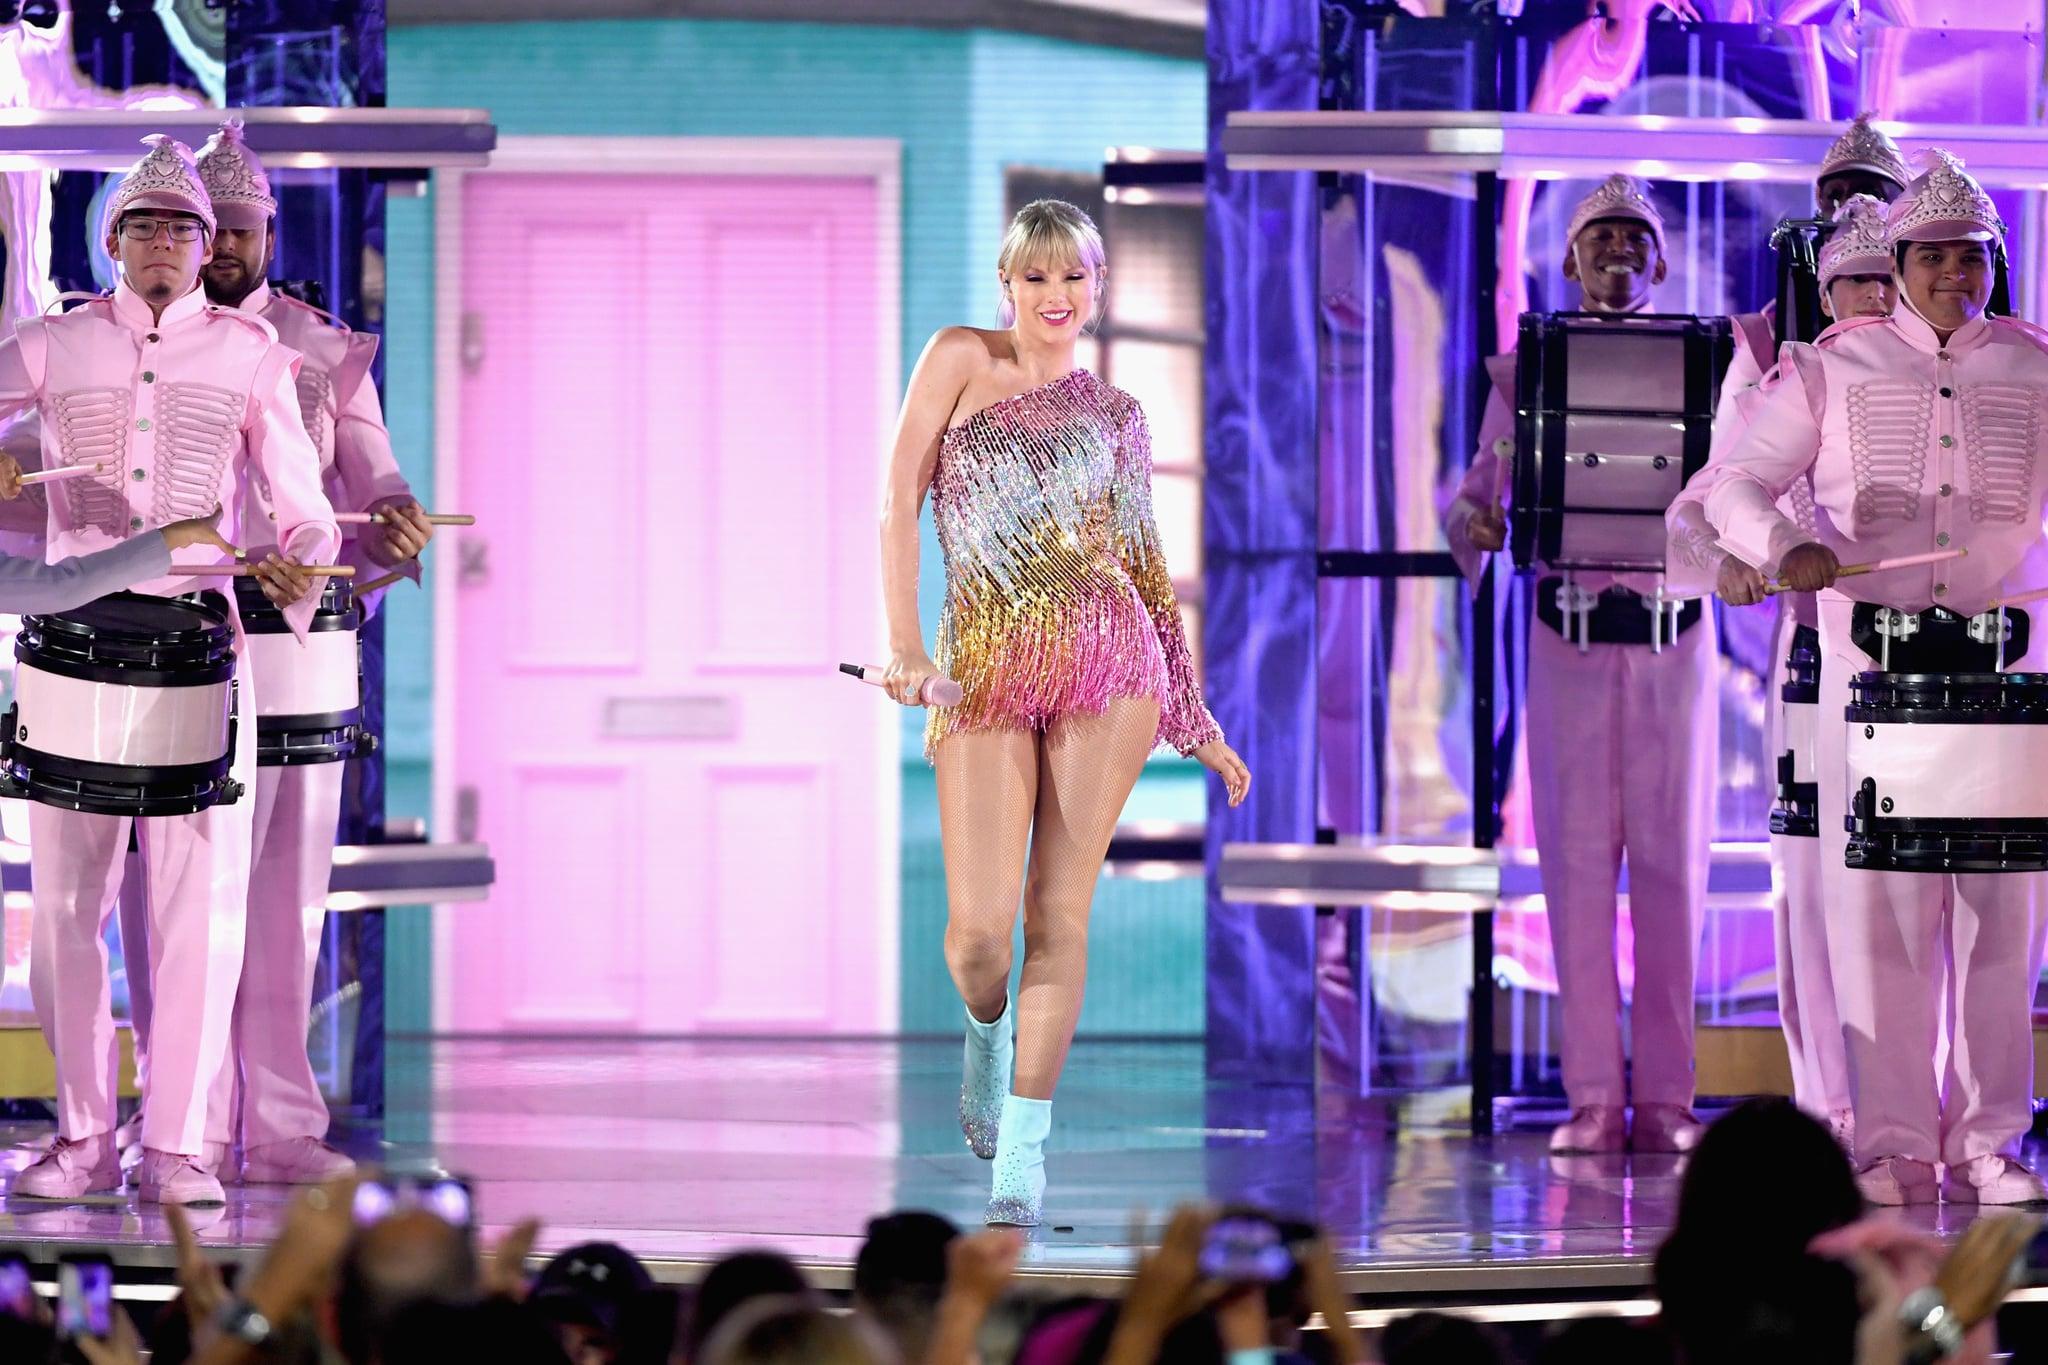 LAS VEGAS, NV - 01 MAI: Taylor Swift effectue sur scène lors des Billboard Music Awards 2019 au MGM Grand Garden Arena le 1 mai 2019 à Las Vegas, Nevada. (Photo par Ethan Miller / Getty Images)